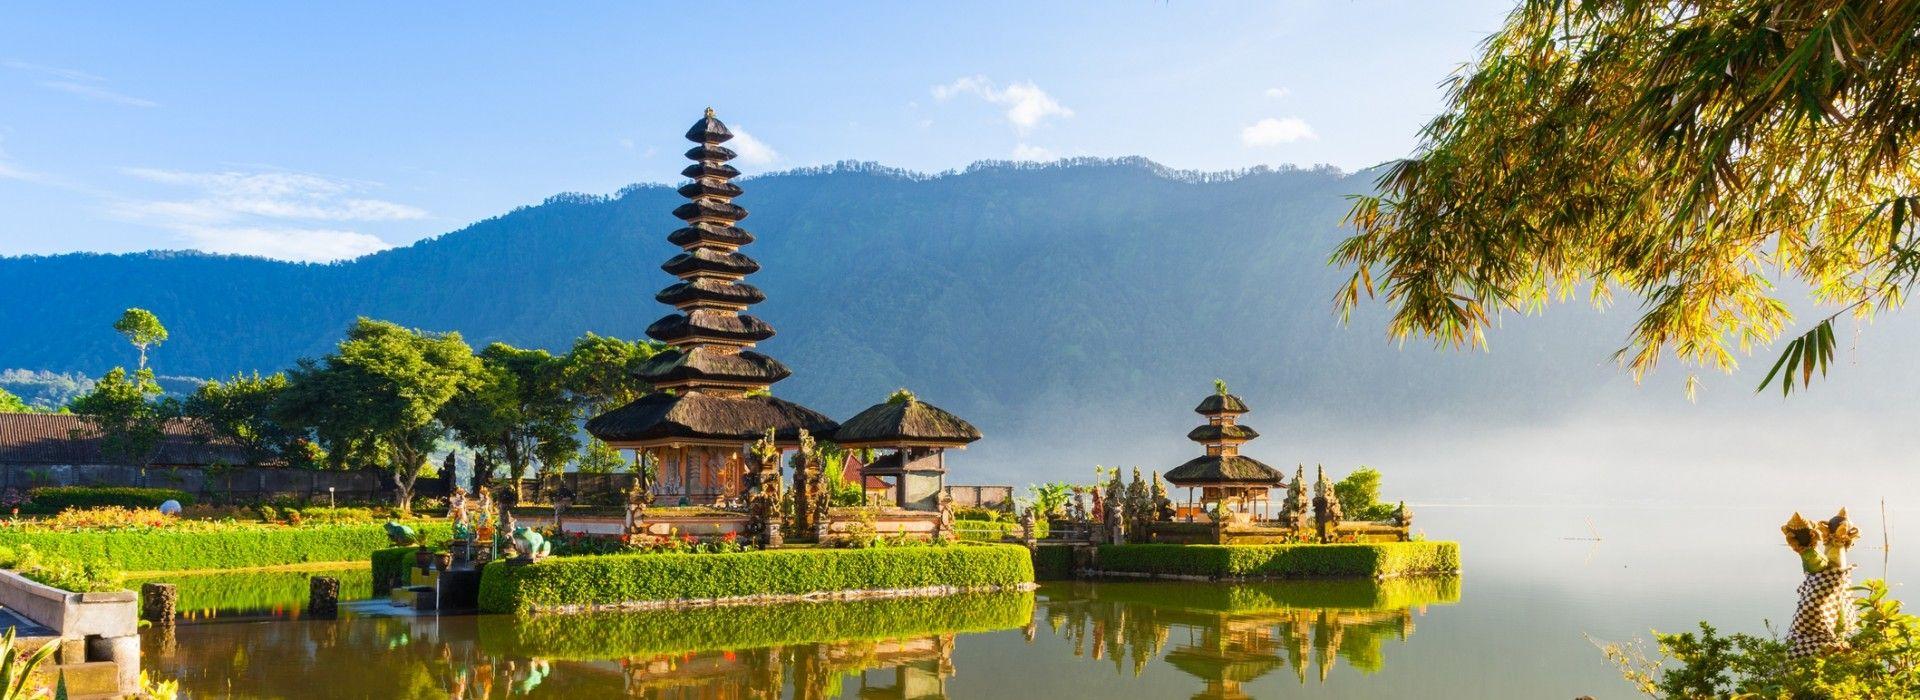 Natural landmarks sightseeing Tours in Ubud